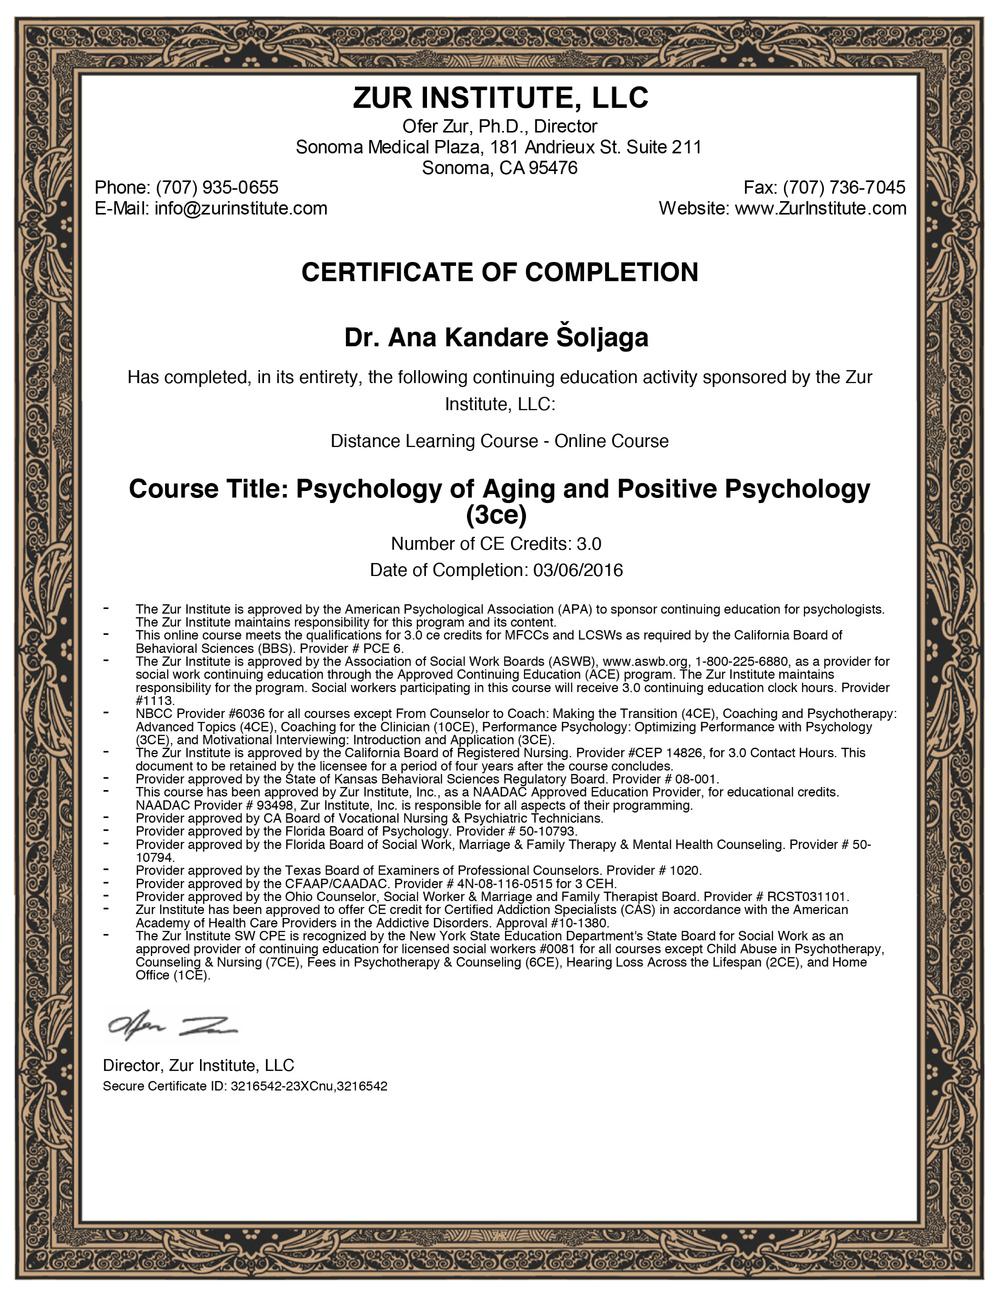 Psihologija starenja i pozitivna psihologija